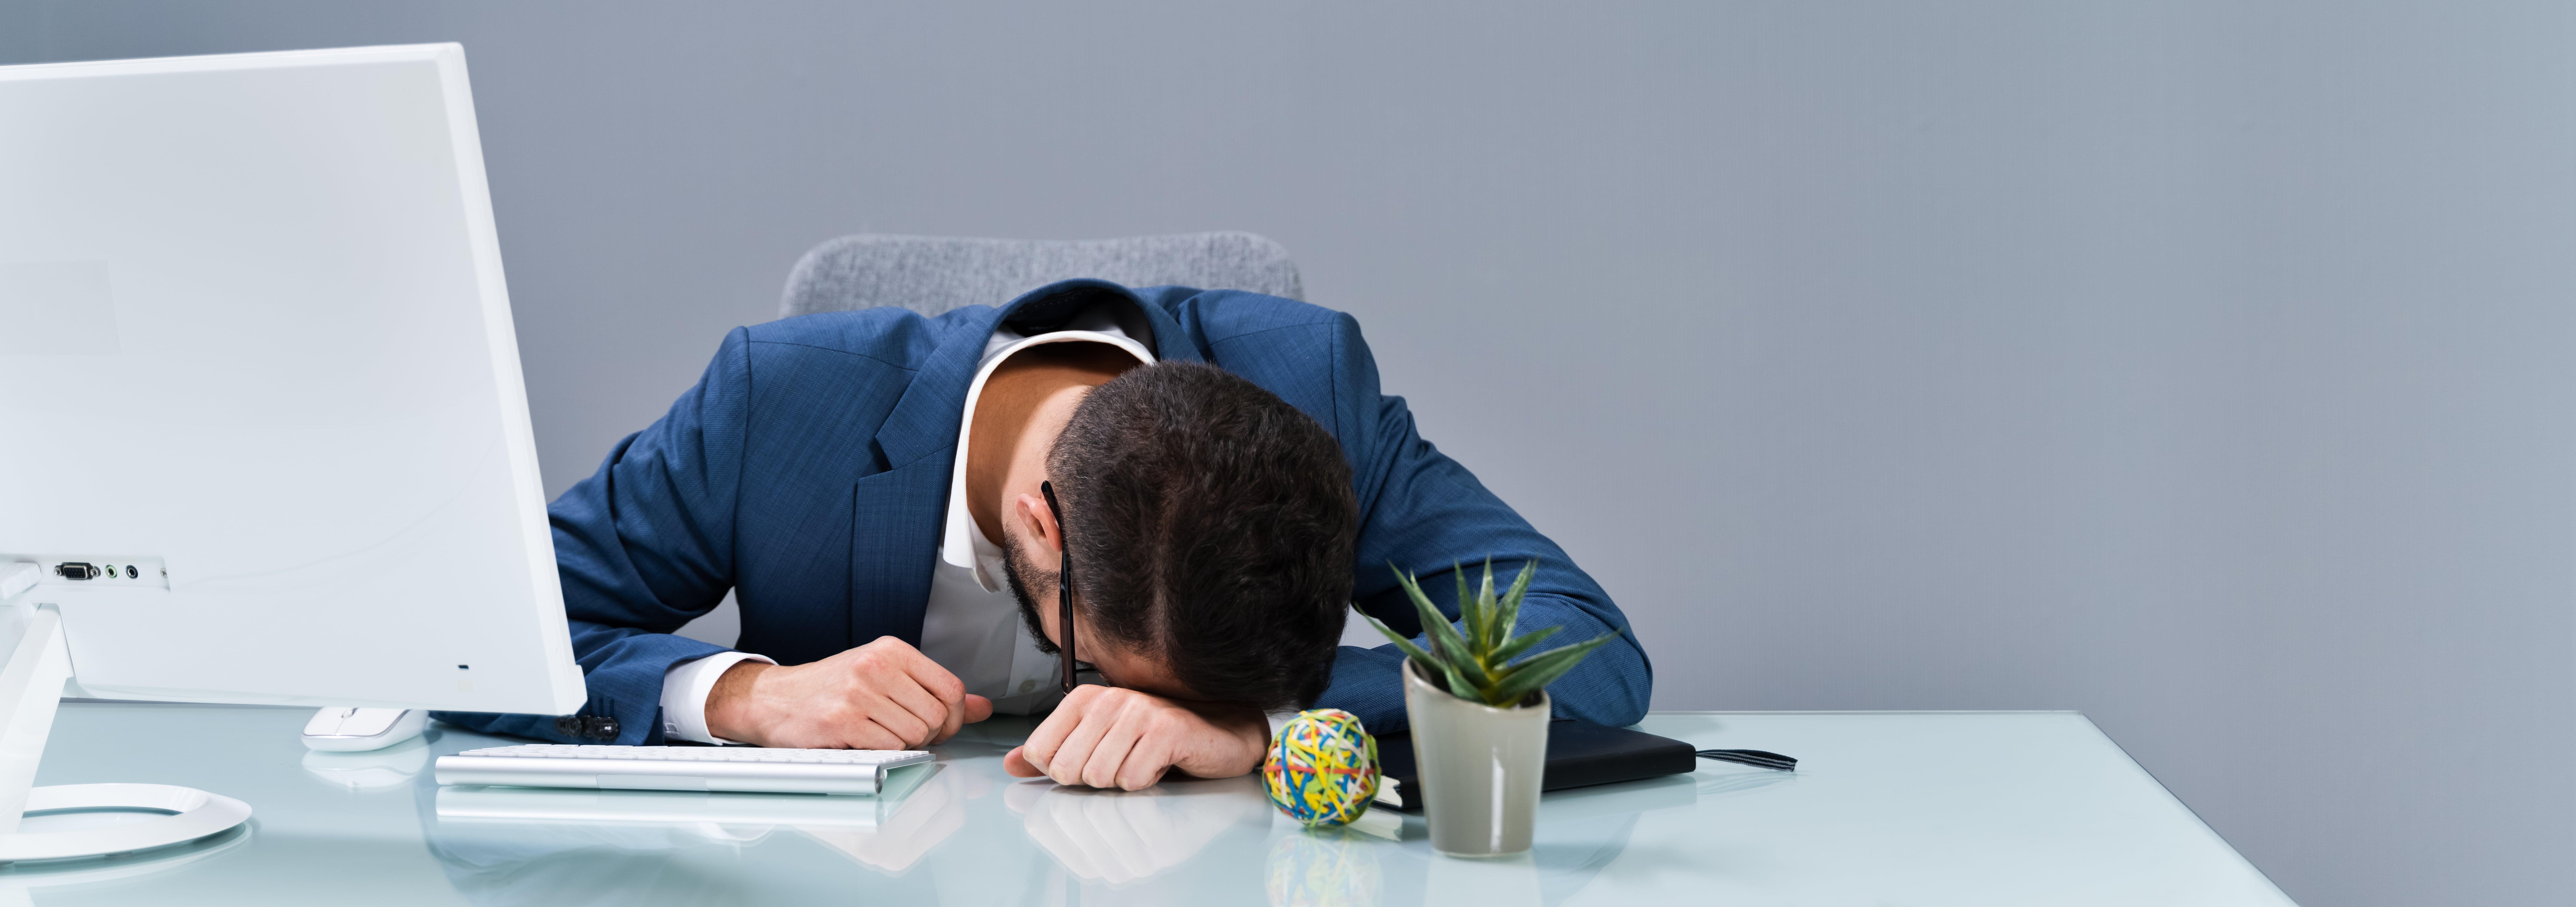 Stress abbauen – Entspannung dank hilfreicher Praxistipps